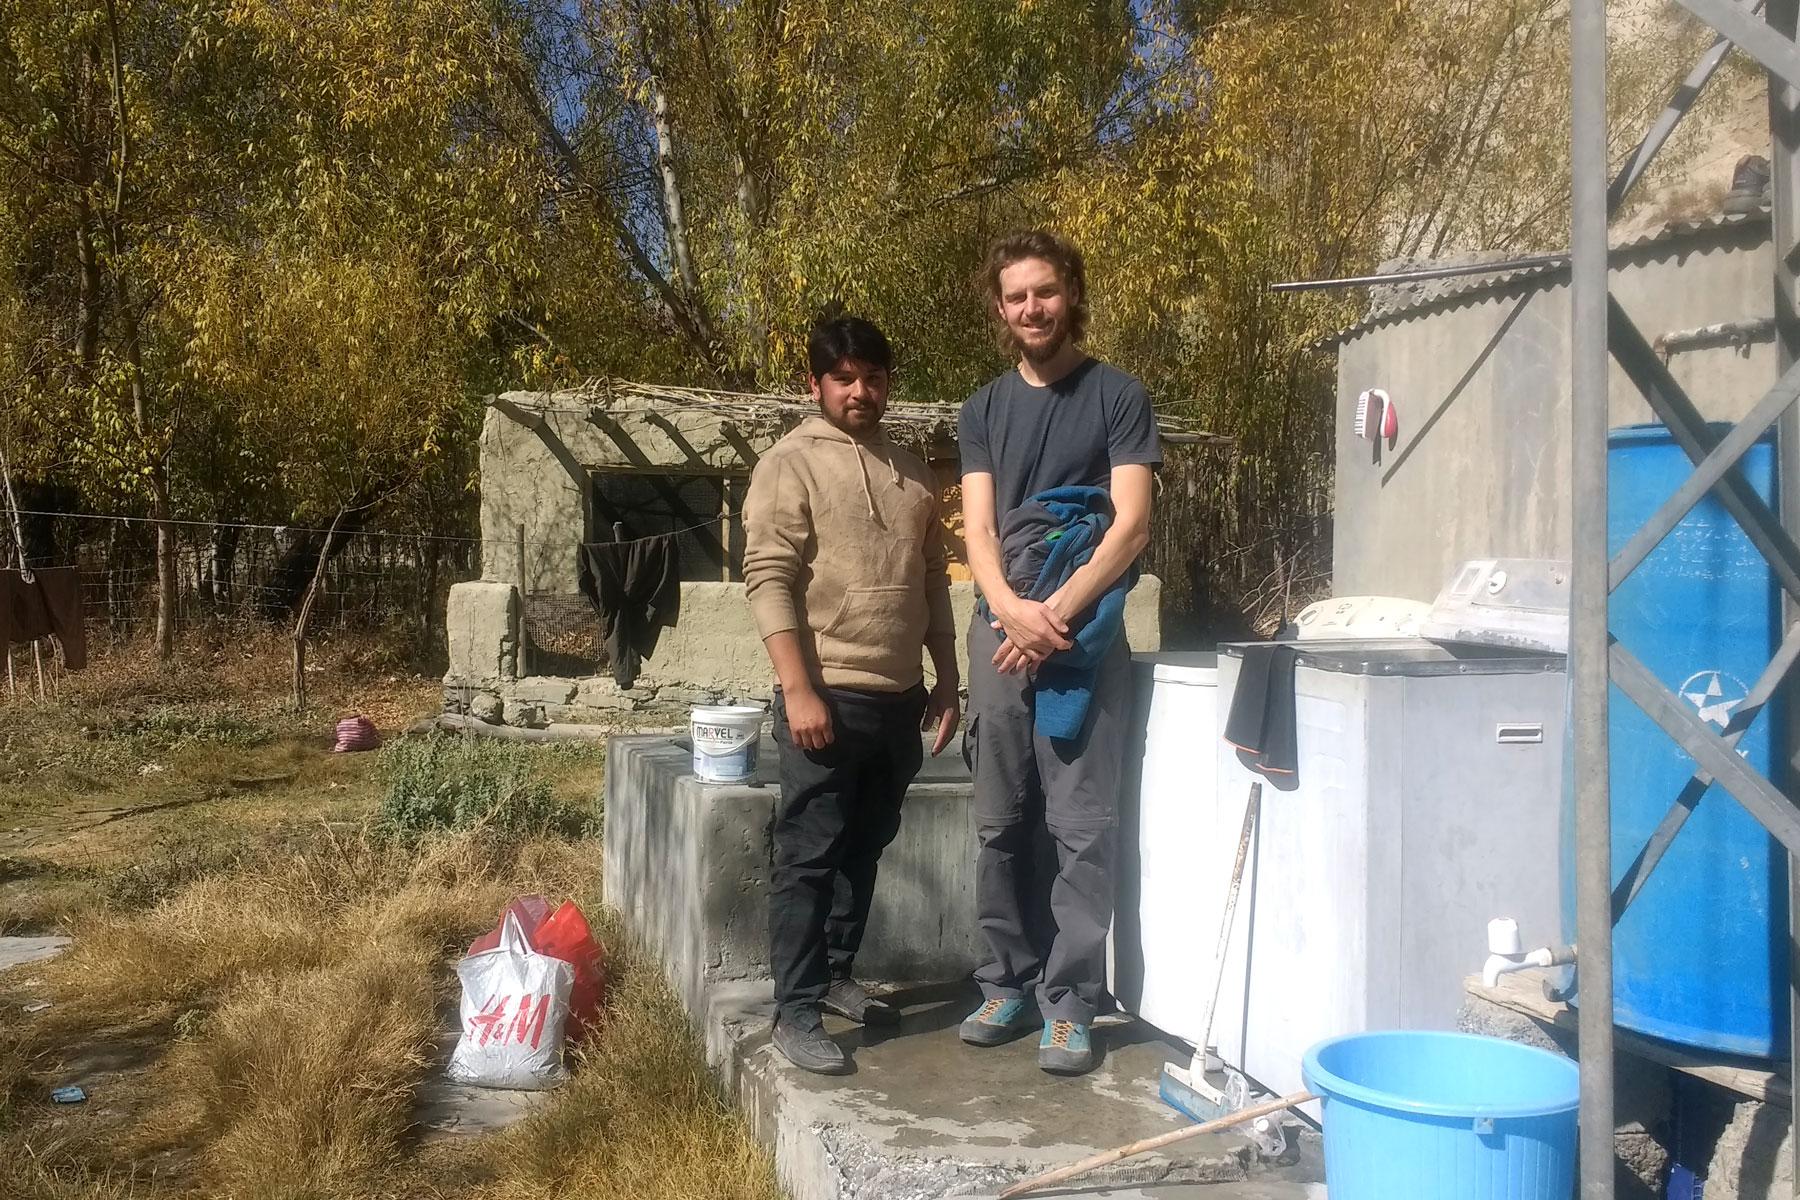 Sebastian und ein Pakistaner stehen neben einer Waschmaschine.